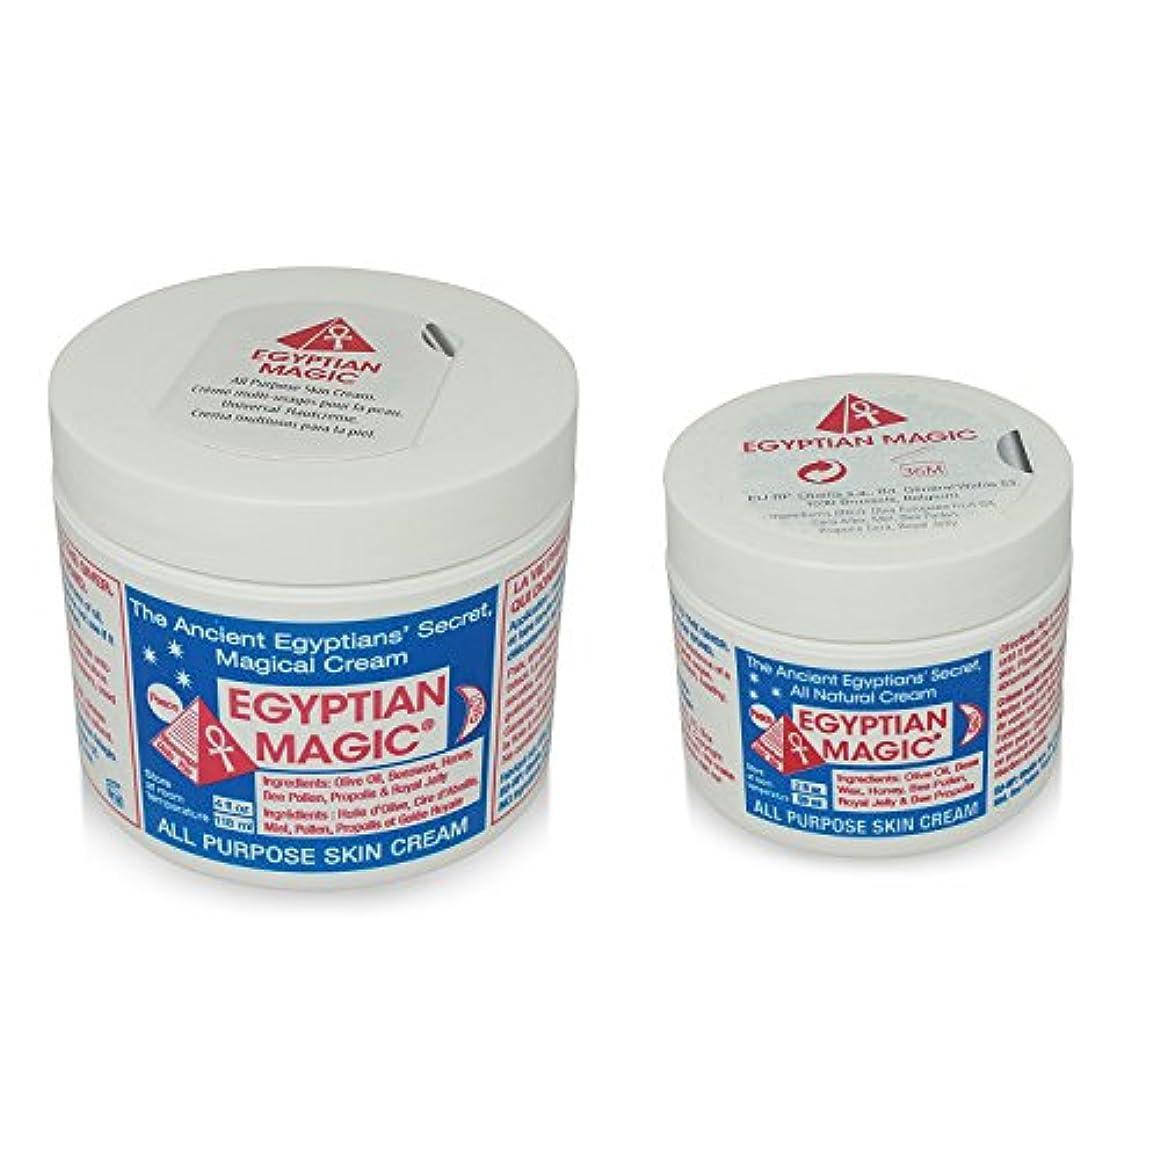 望まない料理をする受けるEgyptian Magic Skin Cream エジプシャンマジッククリーム  (118ml)と(59ml)の2個セット